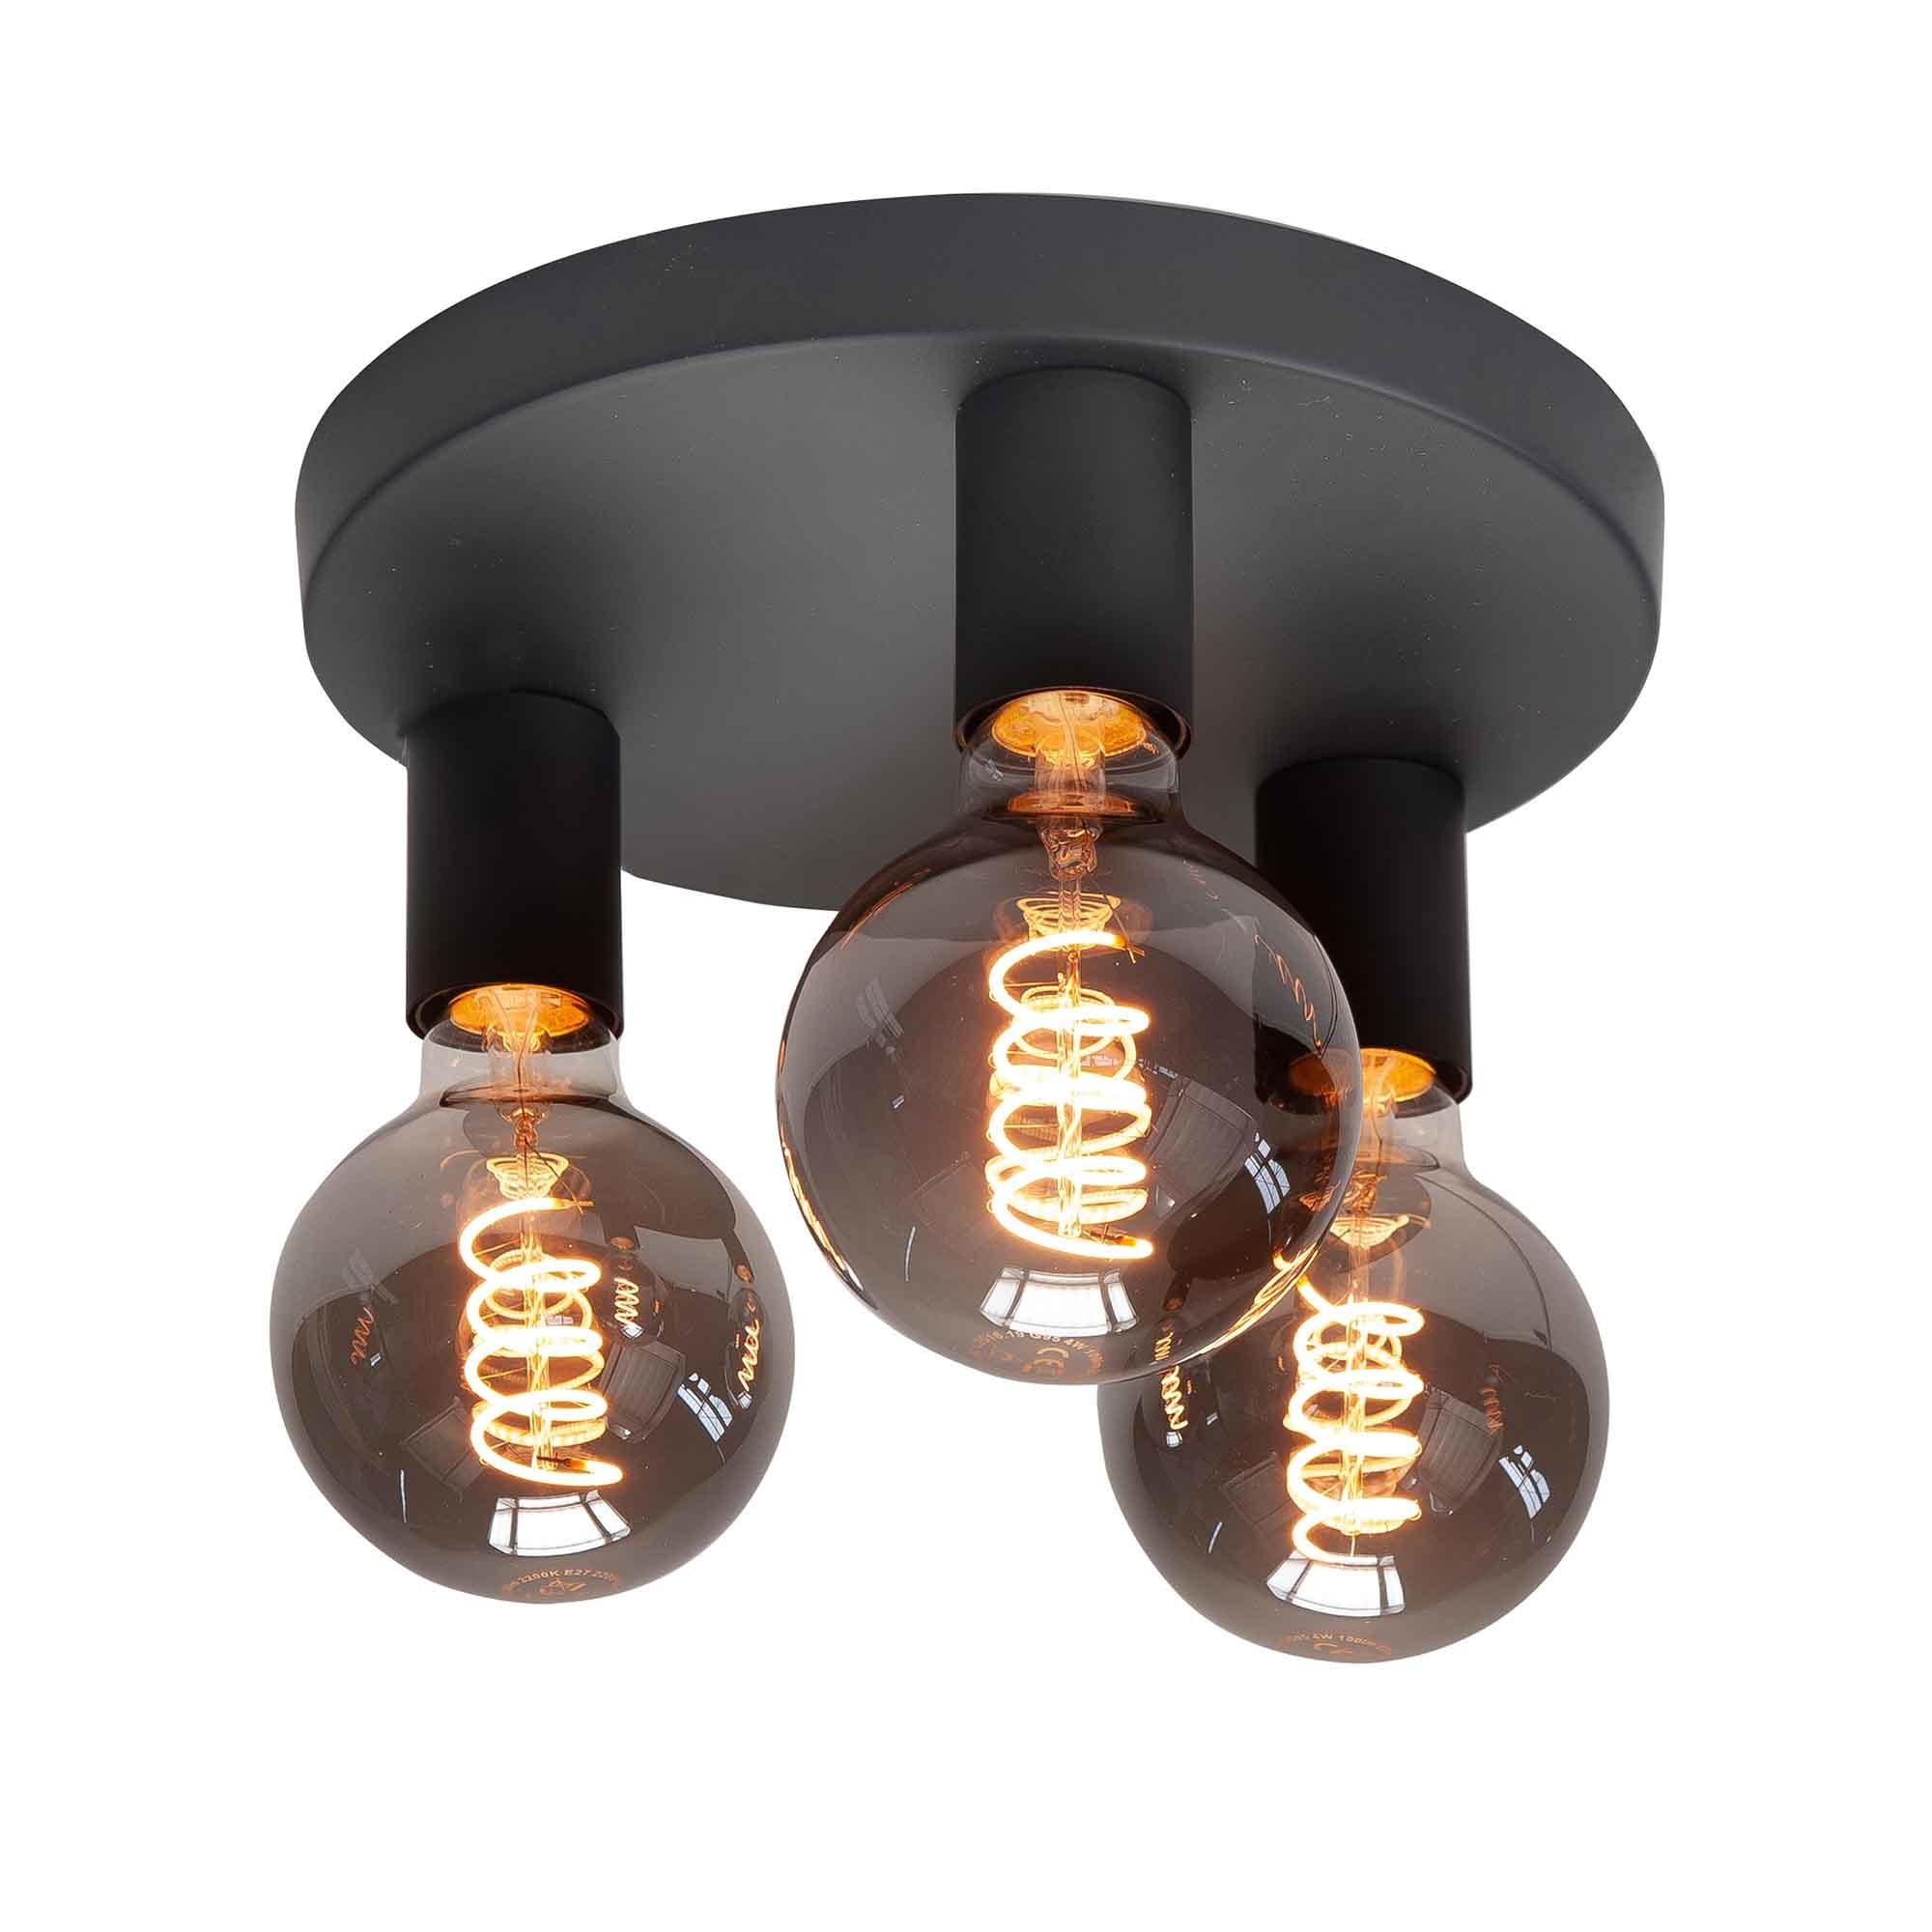 Highlight Plafondlamp Basic 3 lichts Ø 25 cm E27 zwart